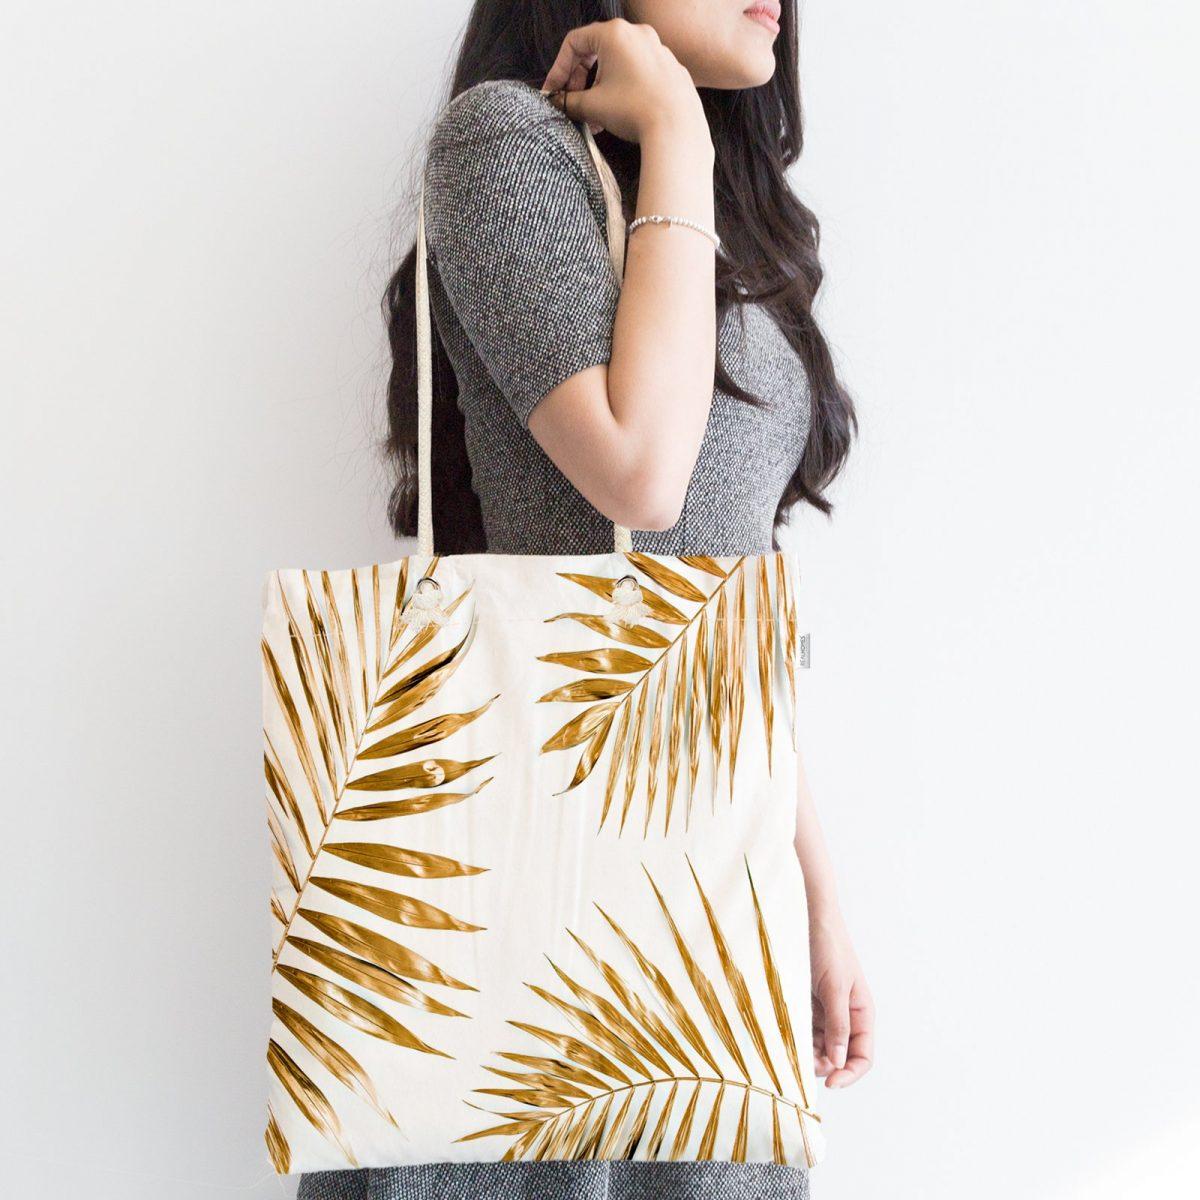 Altın Renkli Palmiye Yaprakları Dijital Baskılı Fermuarlı Kumaş Çanta Realhomes